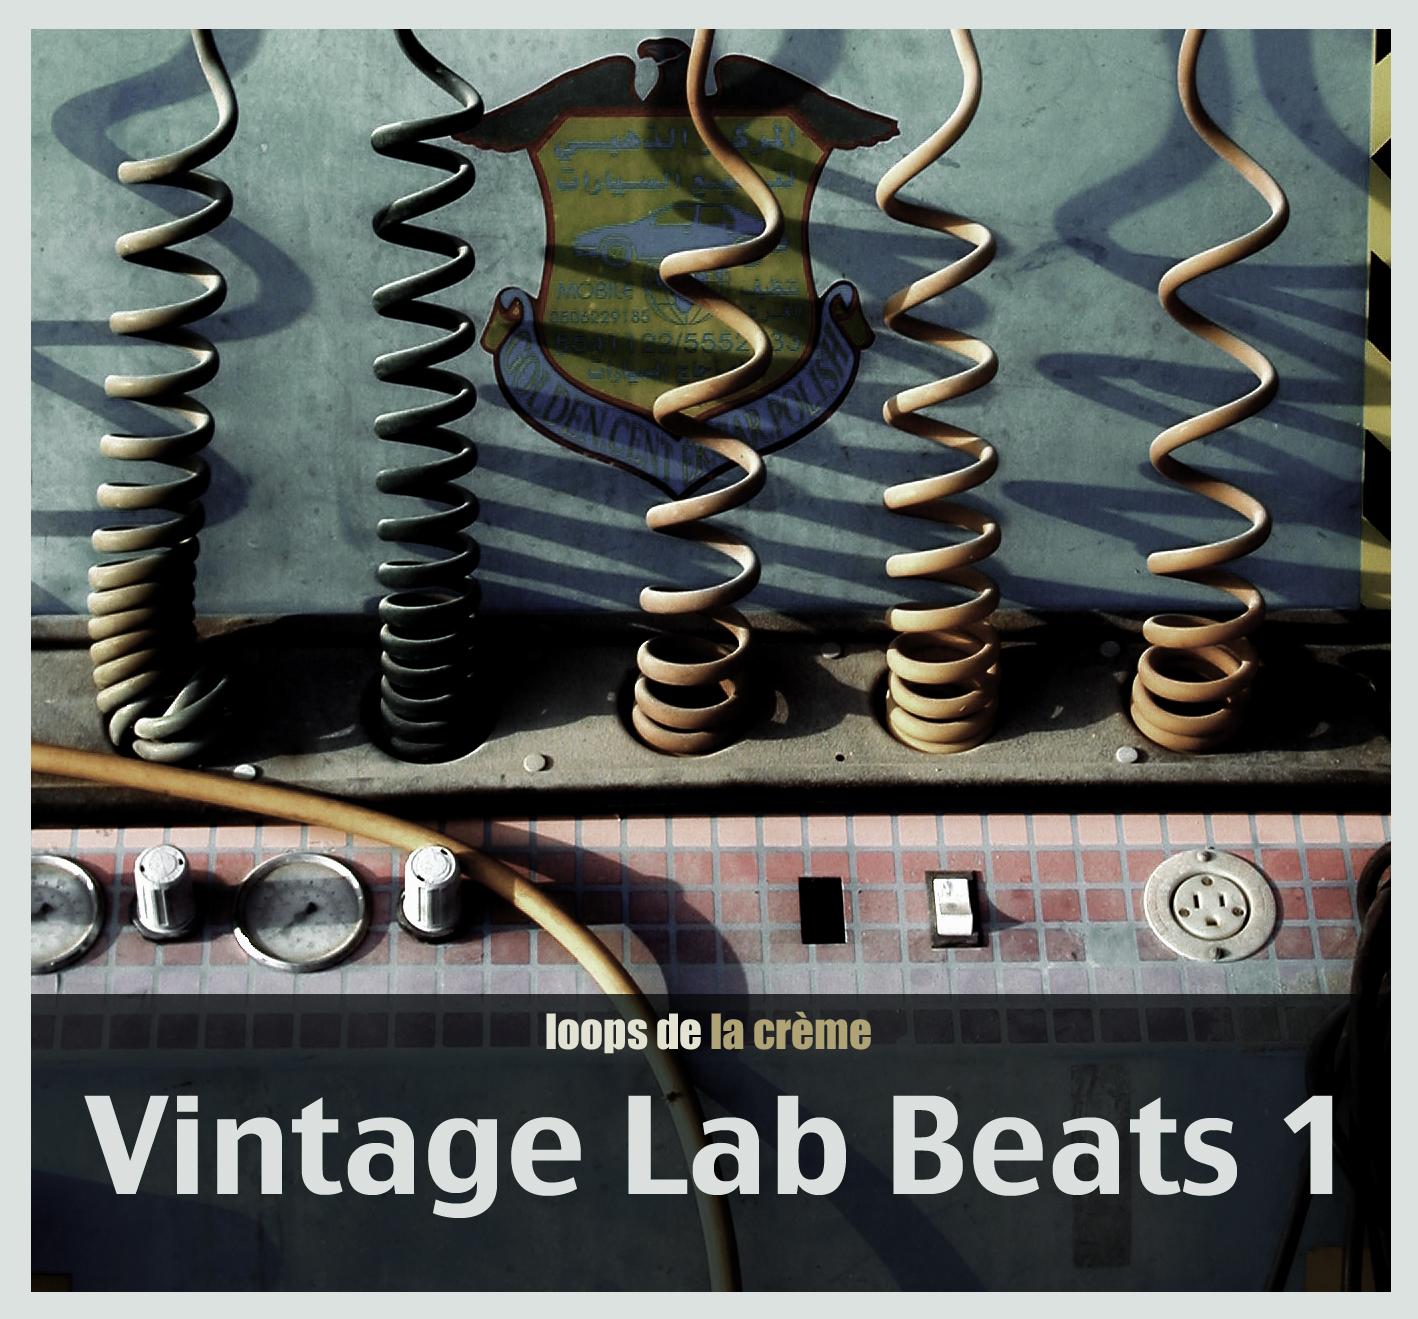 vintage lab beats 1.jpg